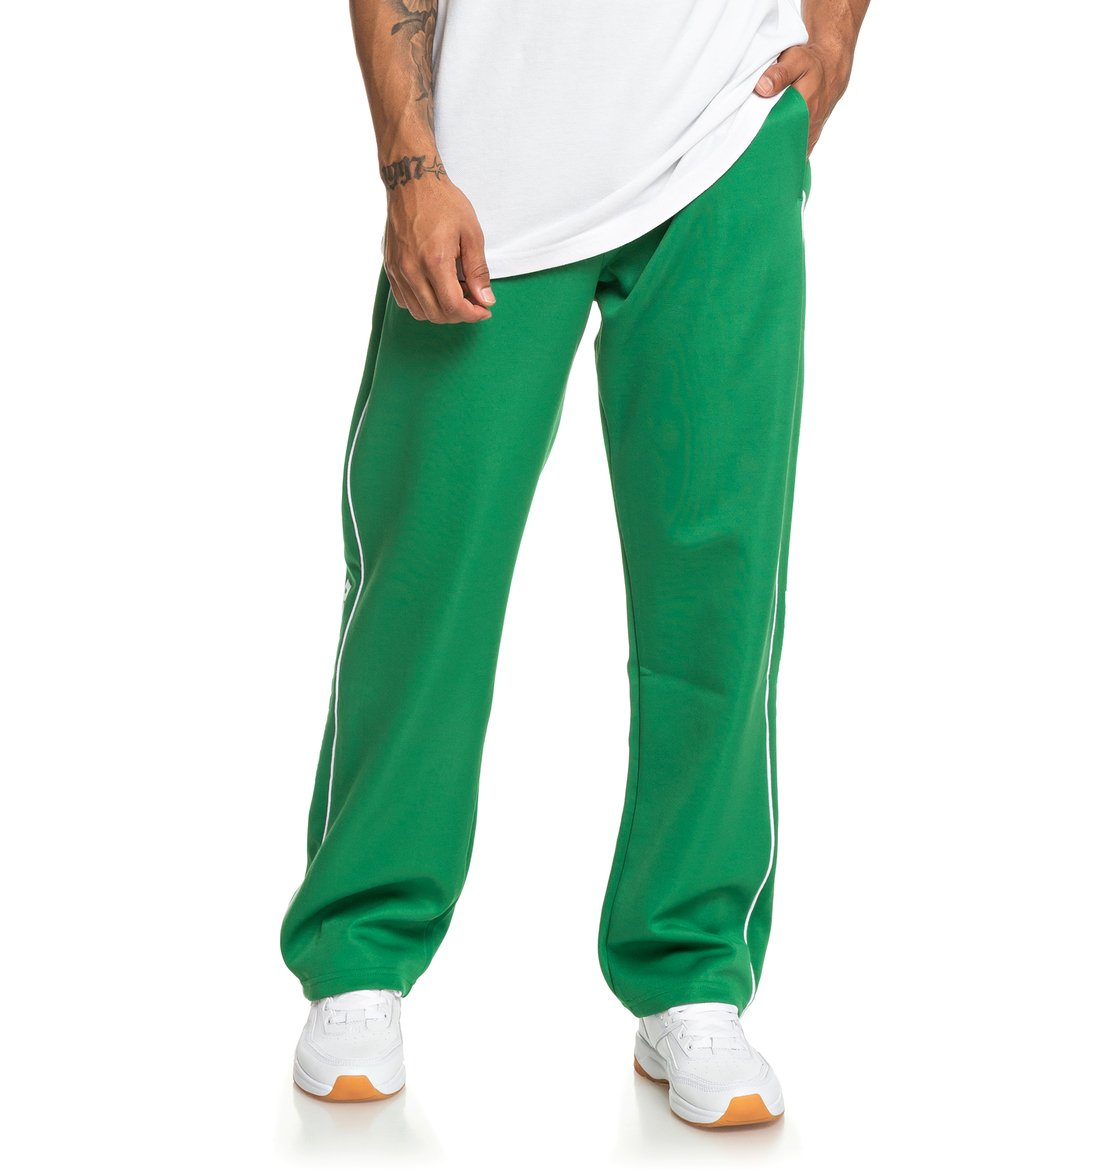 0 EDYFB03060 Verde Chándal Pantalón Springhill para Hombre de rArvqPO